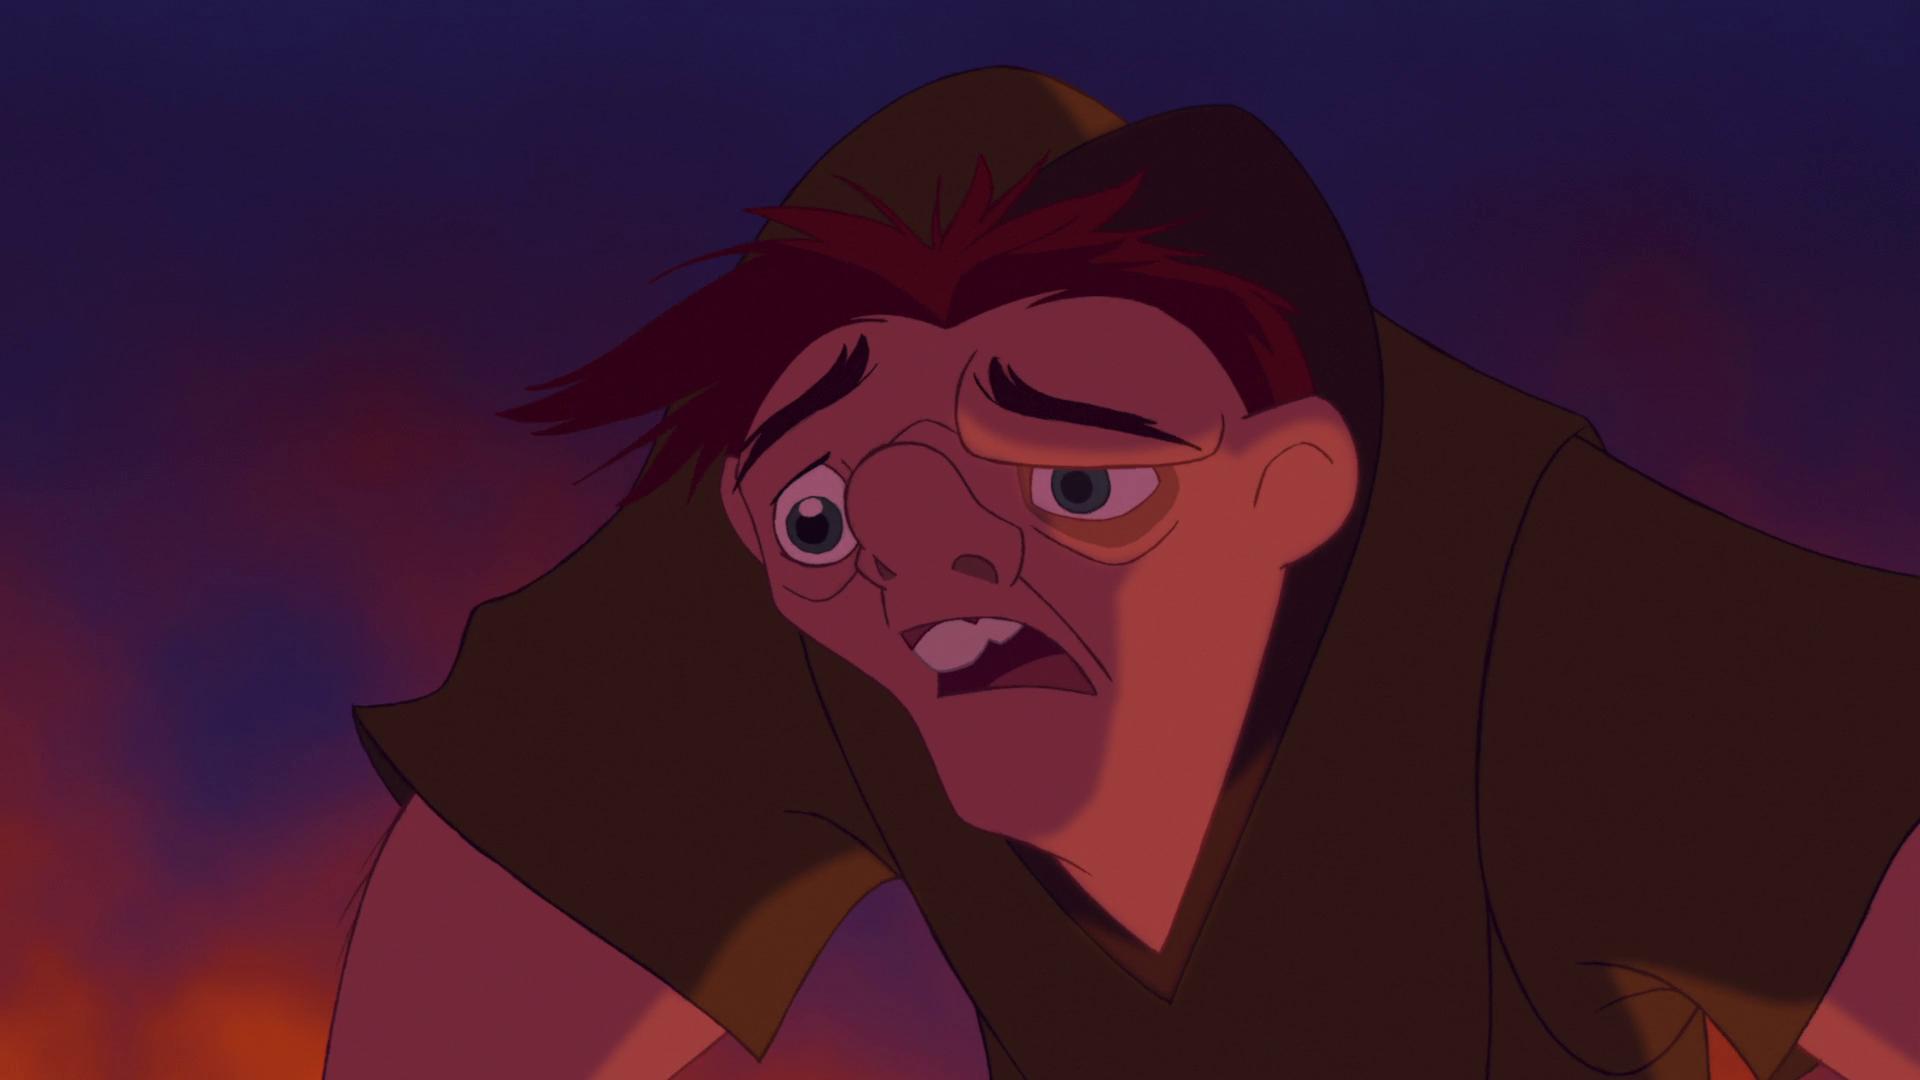 Quasimodo Disney Image - Quasimodo 147....